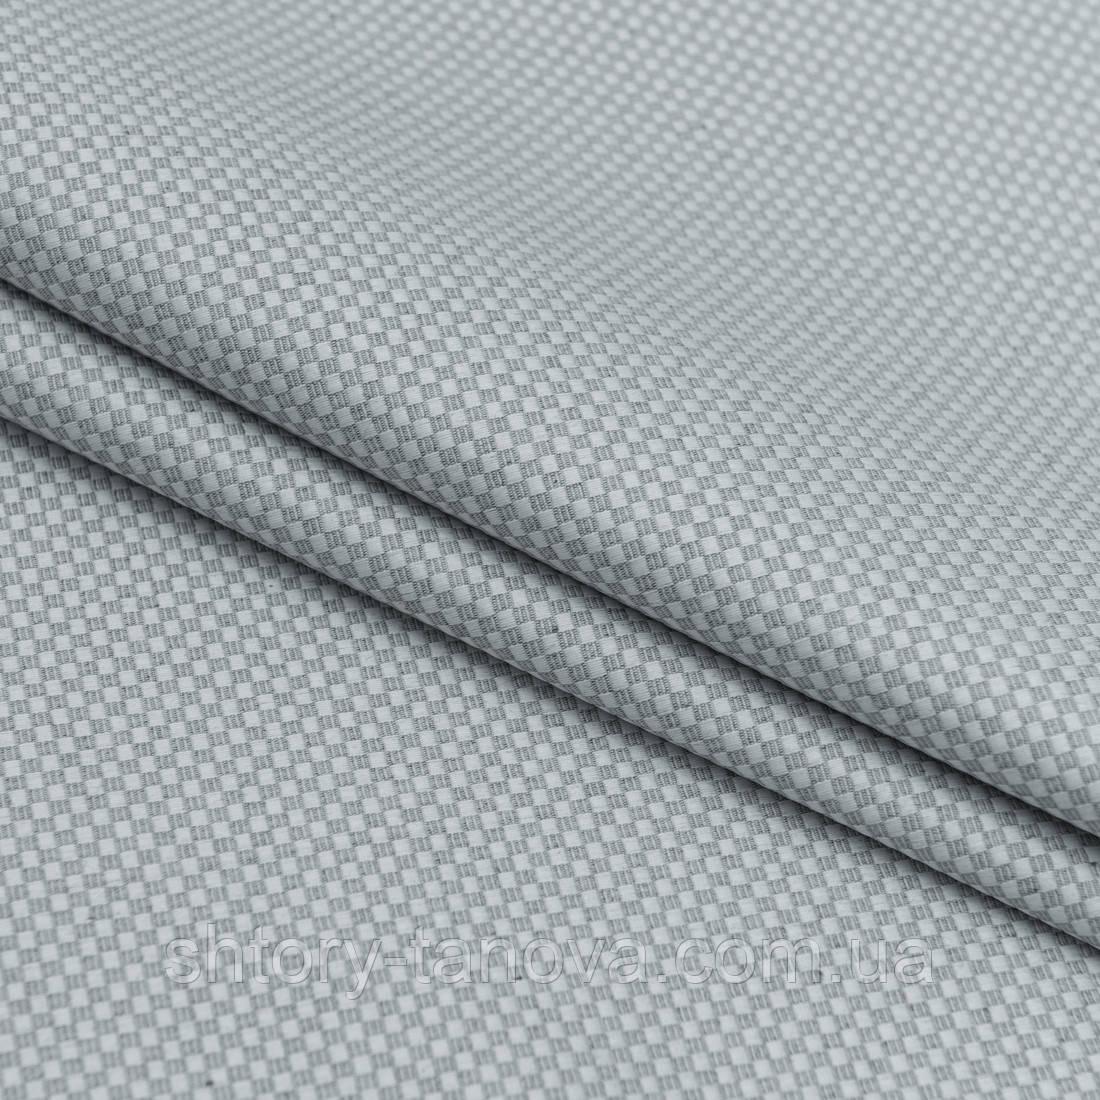 Ткань с акриловой пропиткой колин /colin пике серый